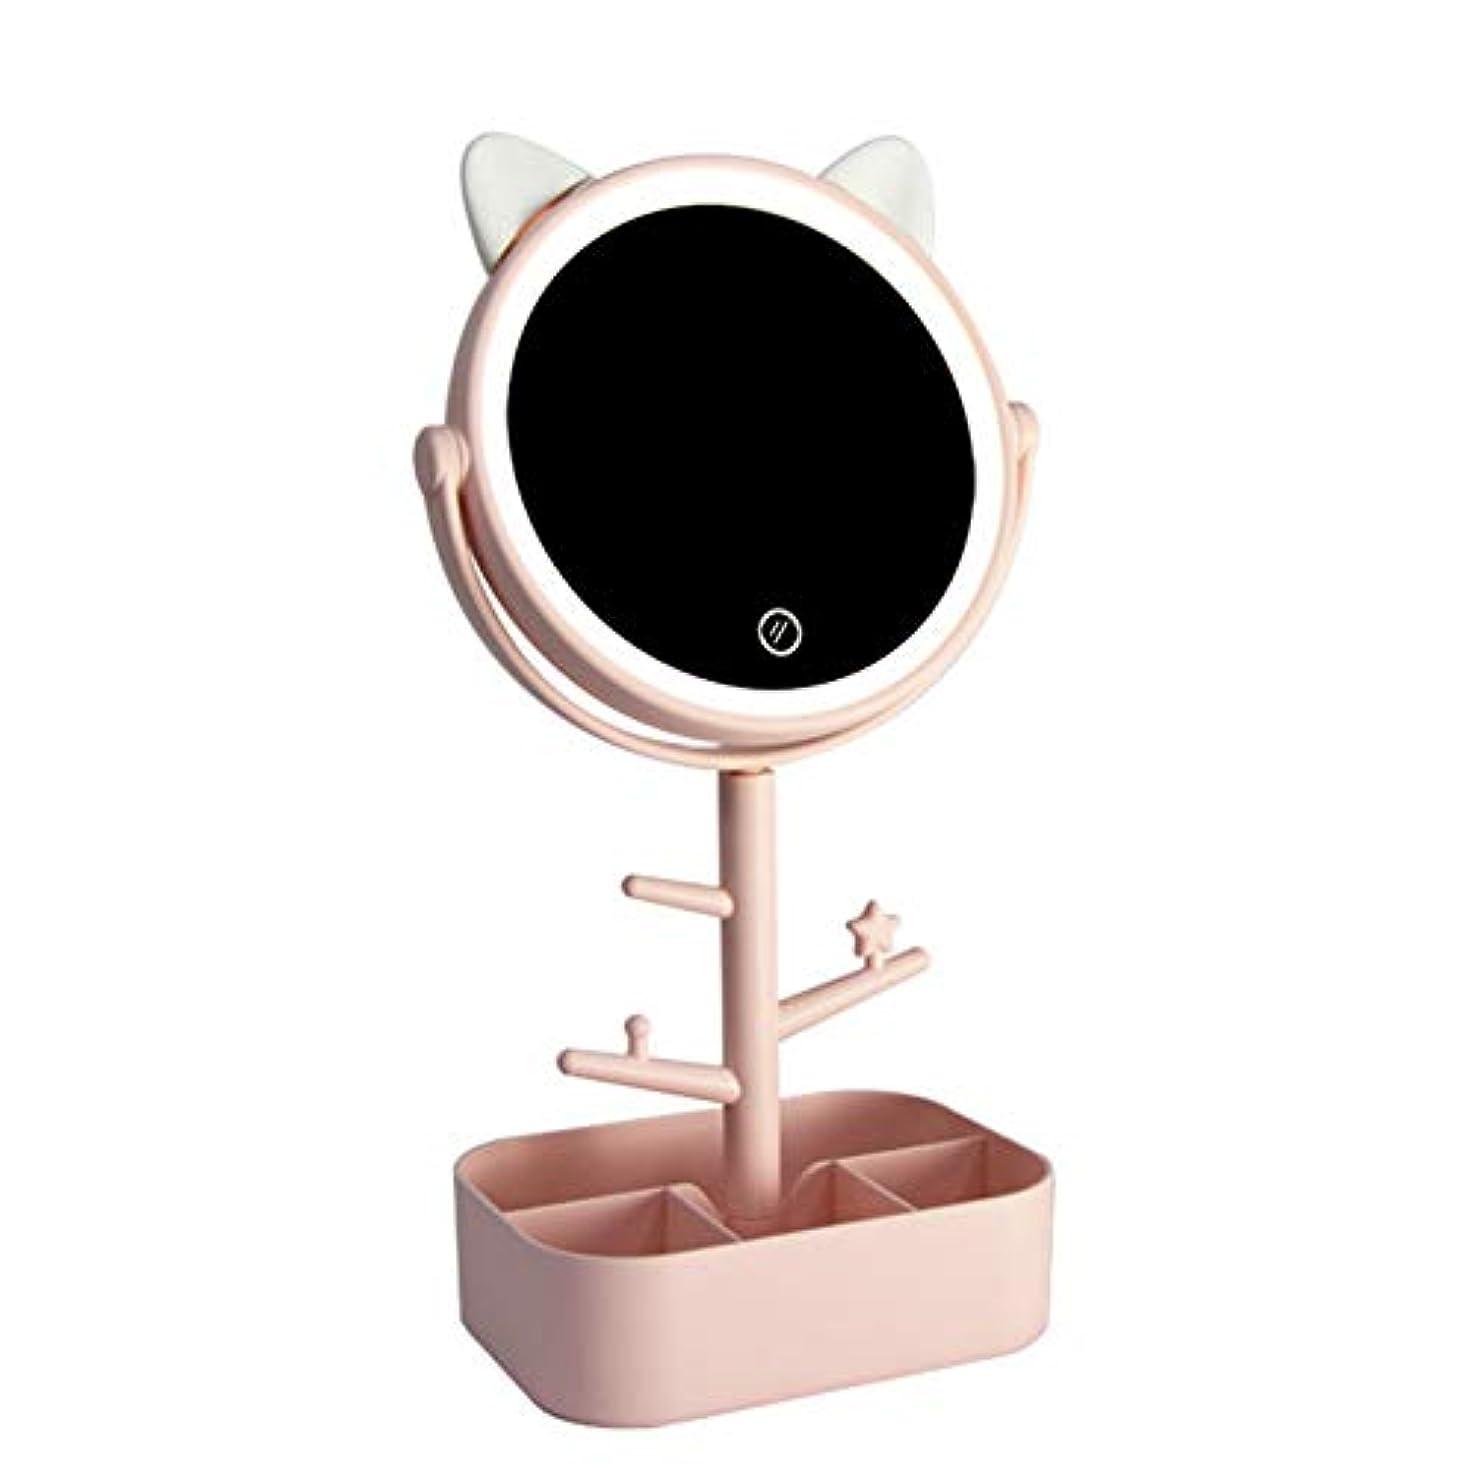 泣く陰気上下するOutpicker LED化粧鏡 USB女優ミラー 卓上ミラー ライト付きミラー 角度調整可 スタンドミラー メイク かがみ化粧道具 円型 可収納 USB給電 (猫ーピンク)